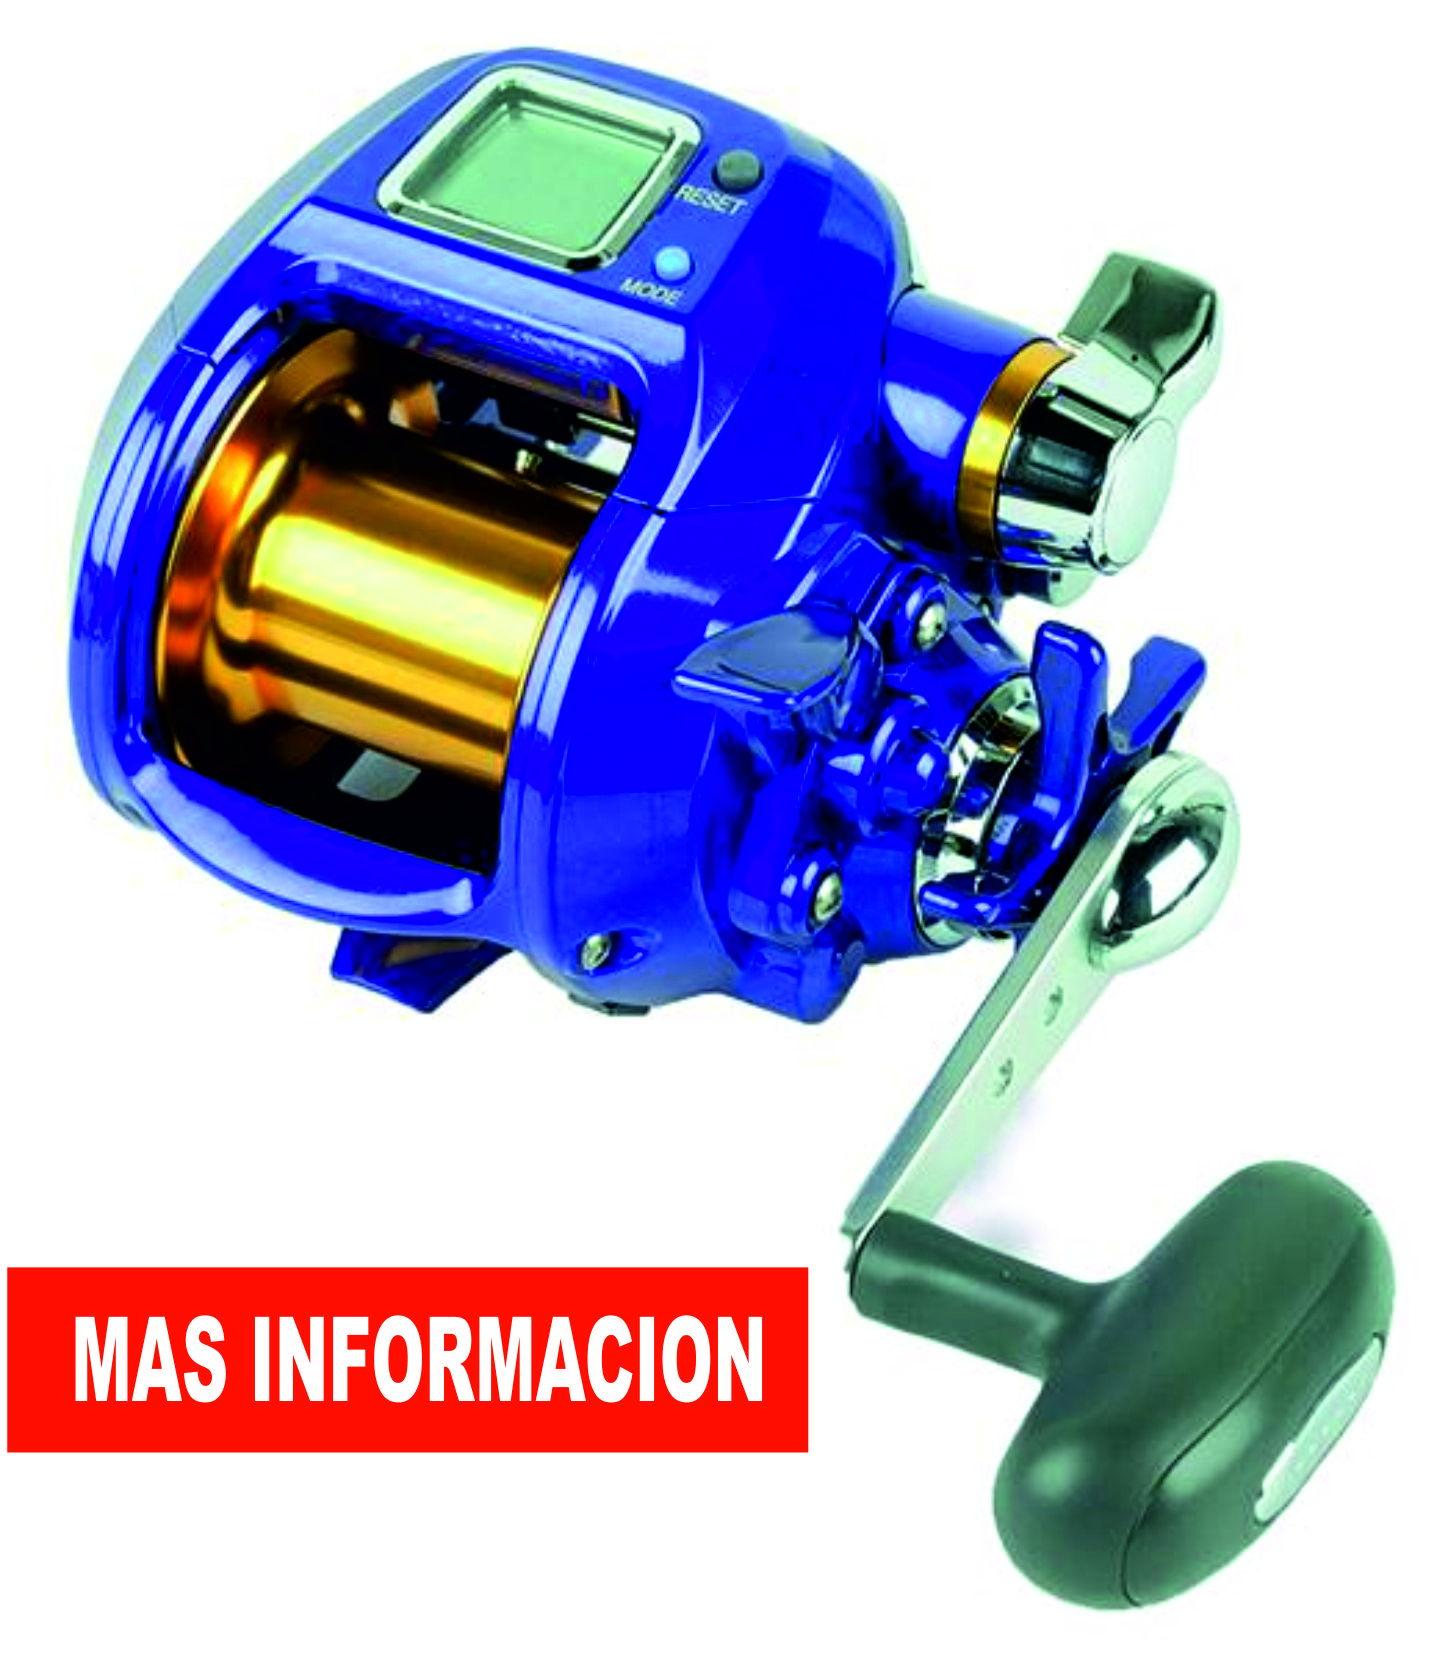 información carretes eléctricos pesca